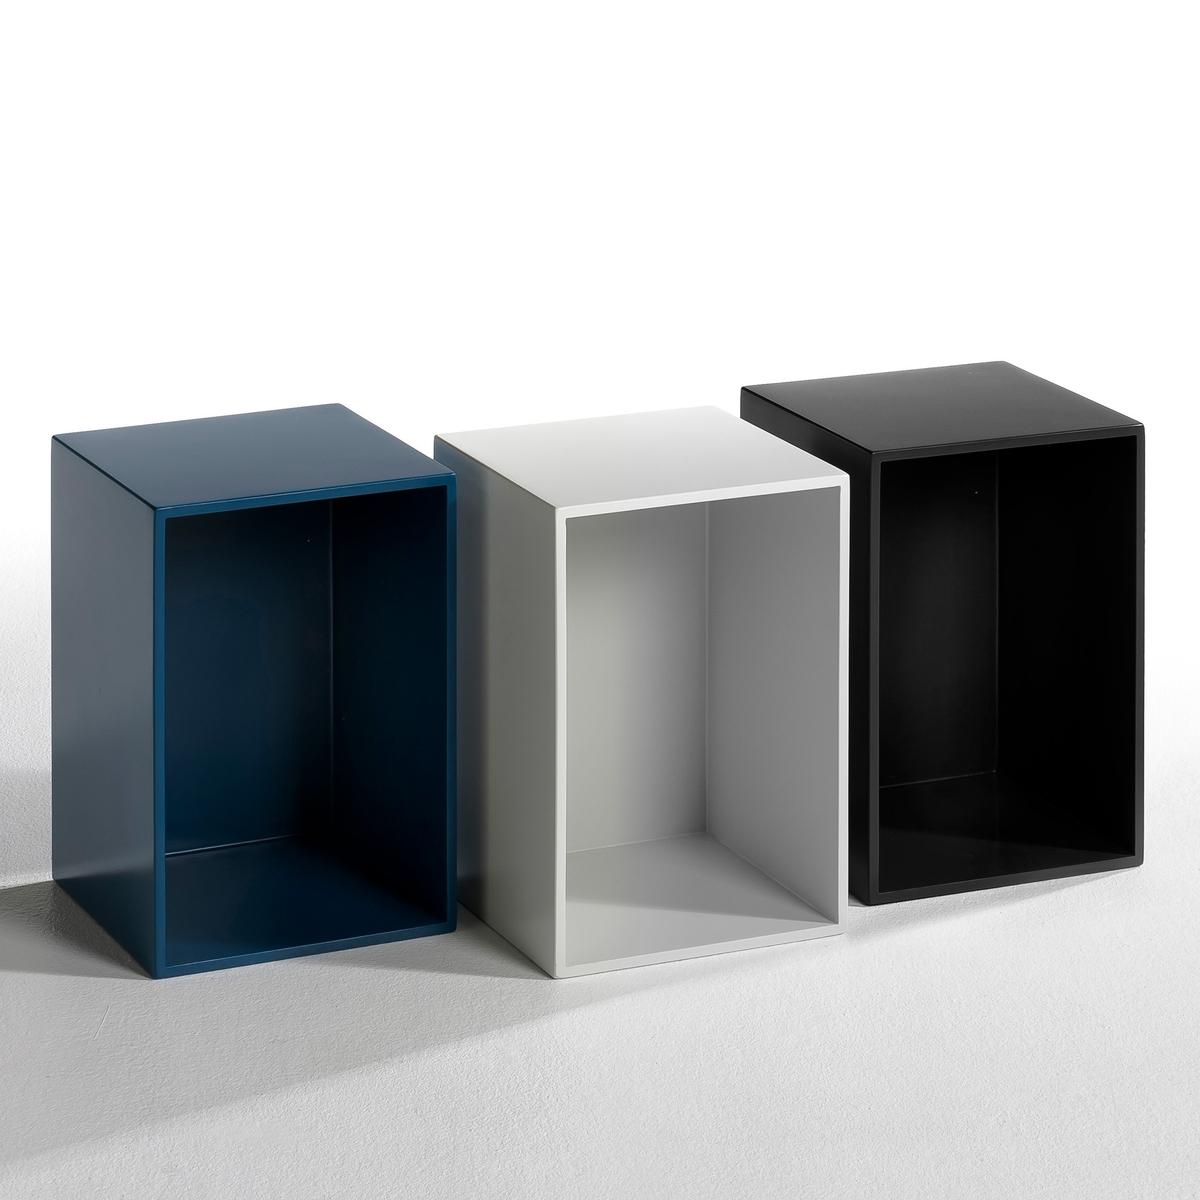 Ящик Trebor дизайн Э. ГаллинаХарактеристики : -Из крашенного МДФ. - Можно использовать вертикально или горизонтально. Размер : - 25 x 38 x 25 см.<br><br>Цвет: черный